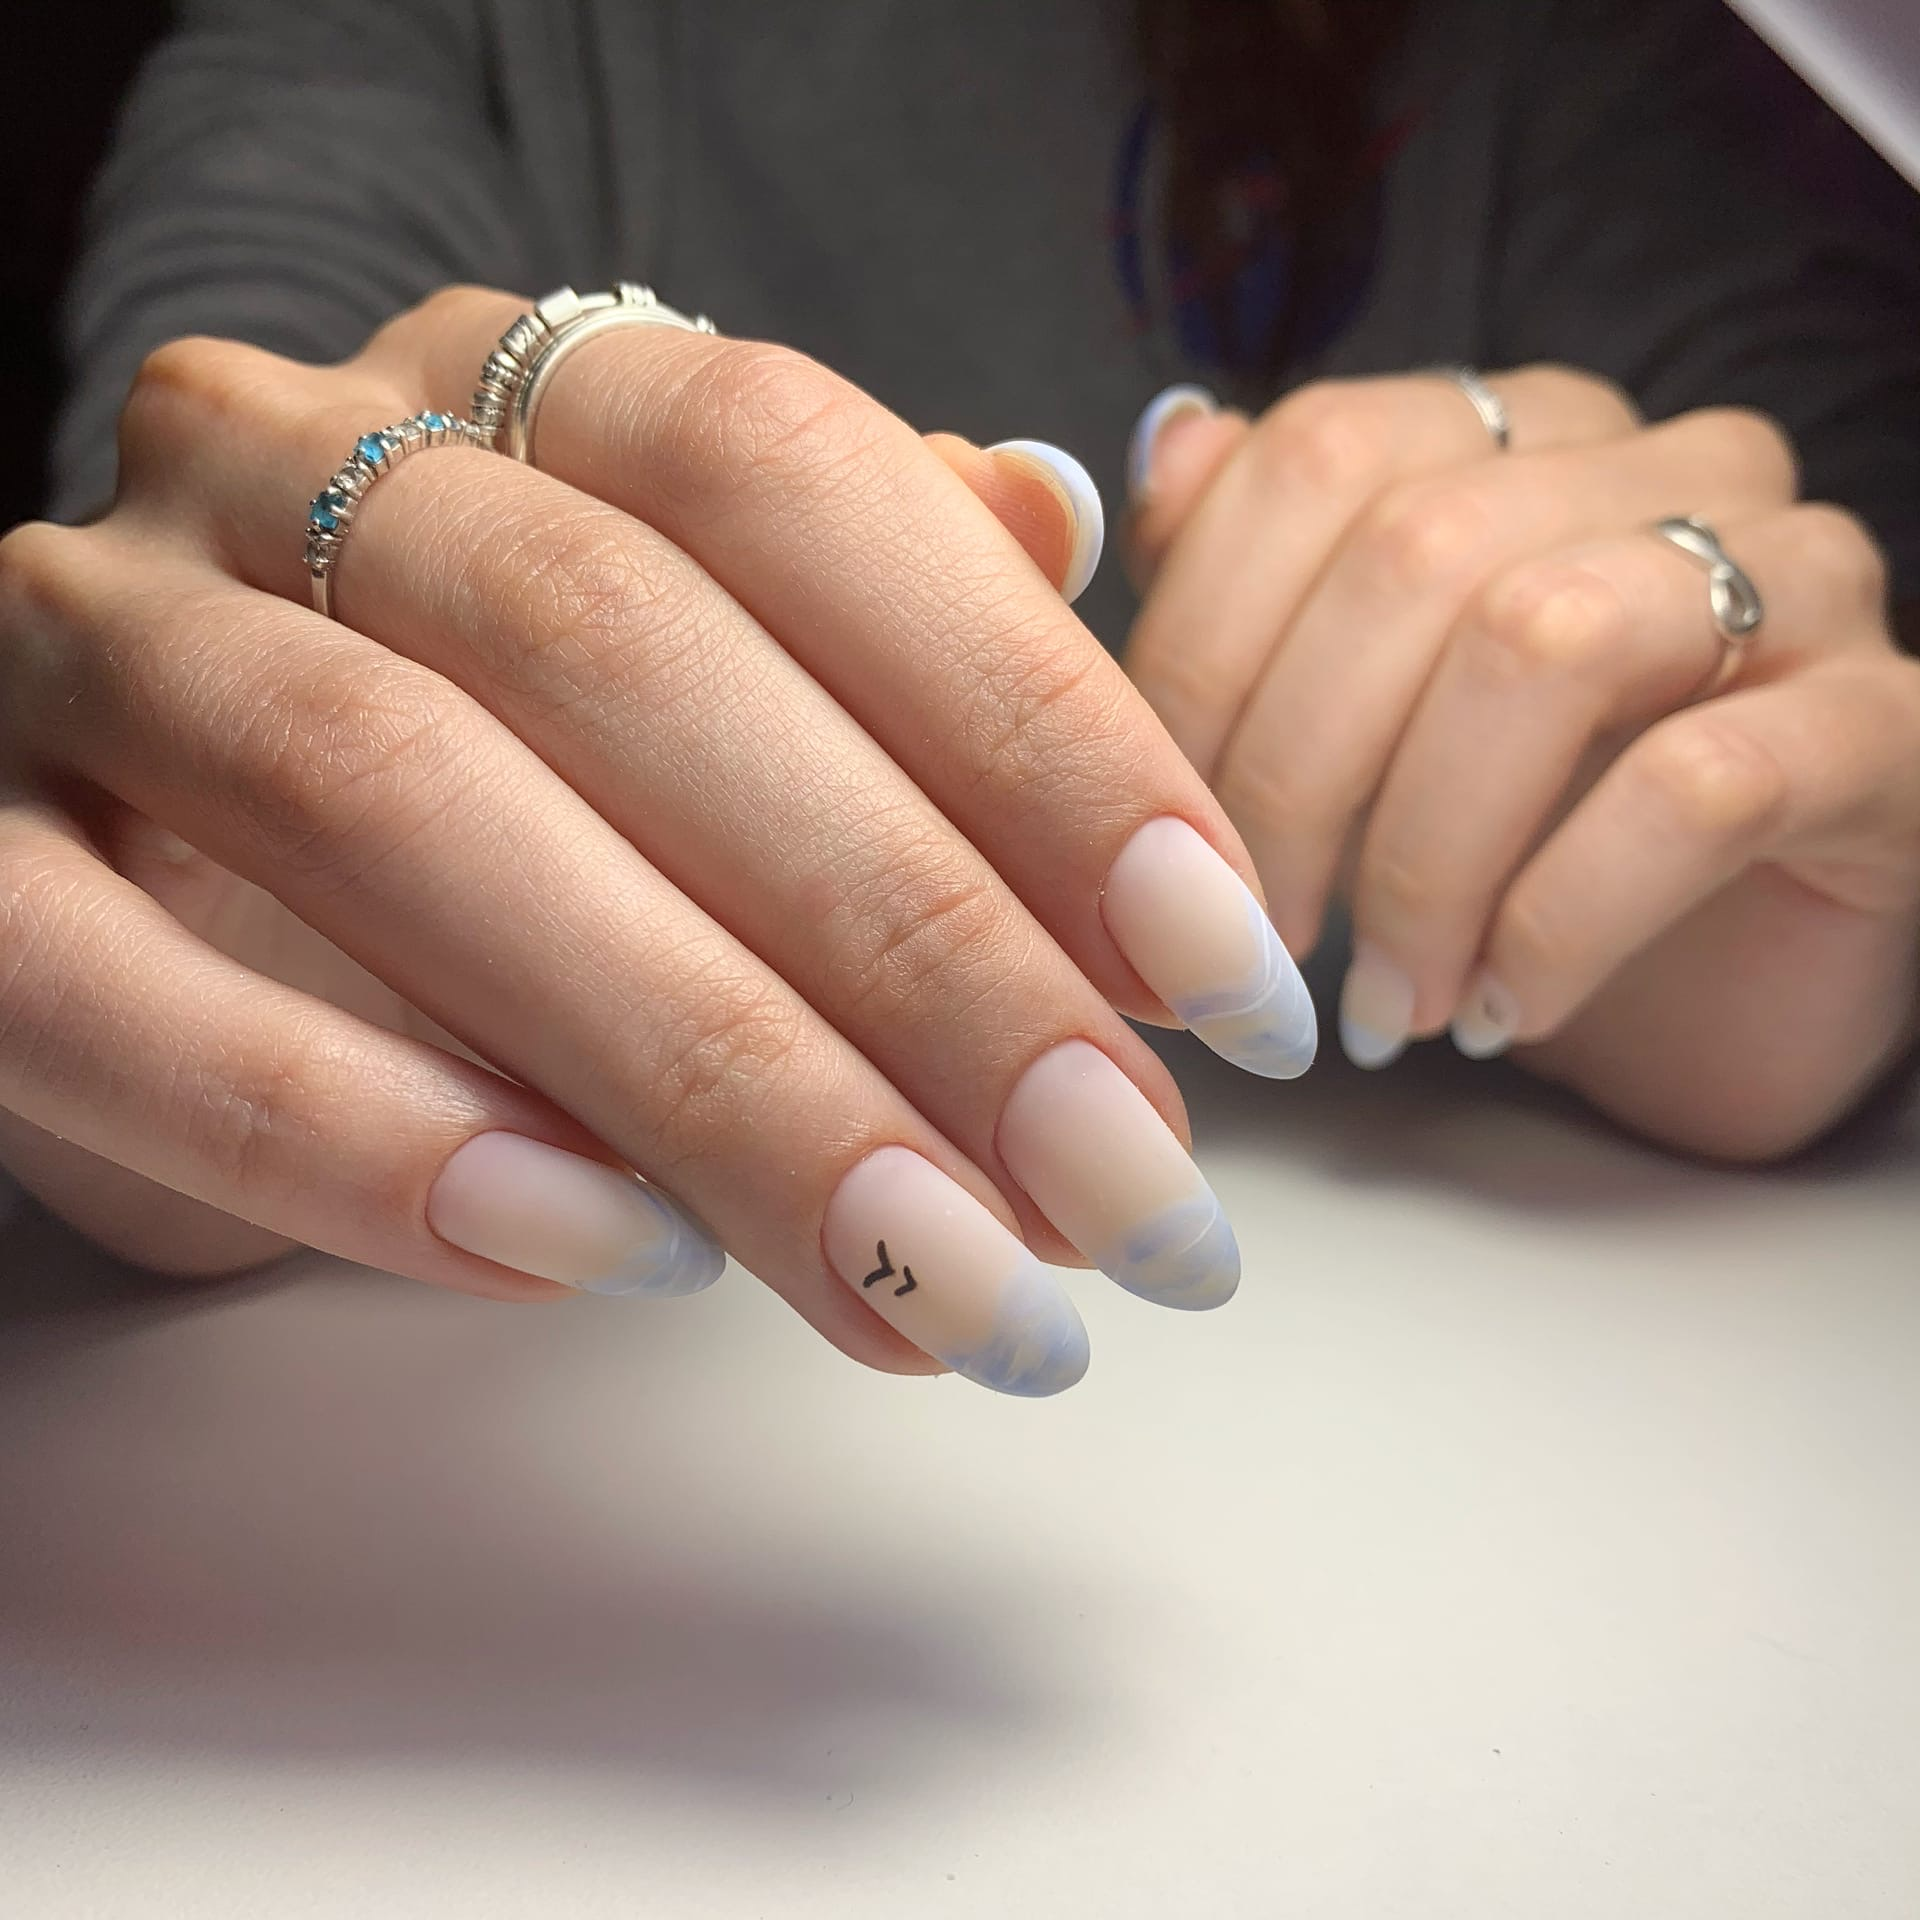 Матовый маникюр с морским дизайном в молочном цвете на длинные ногти.